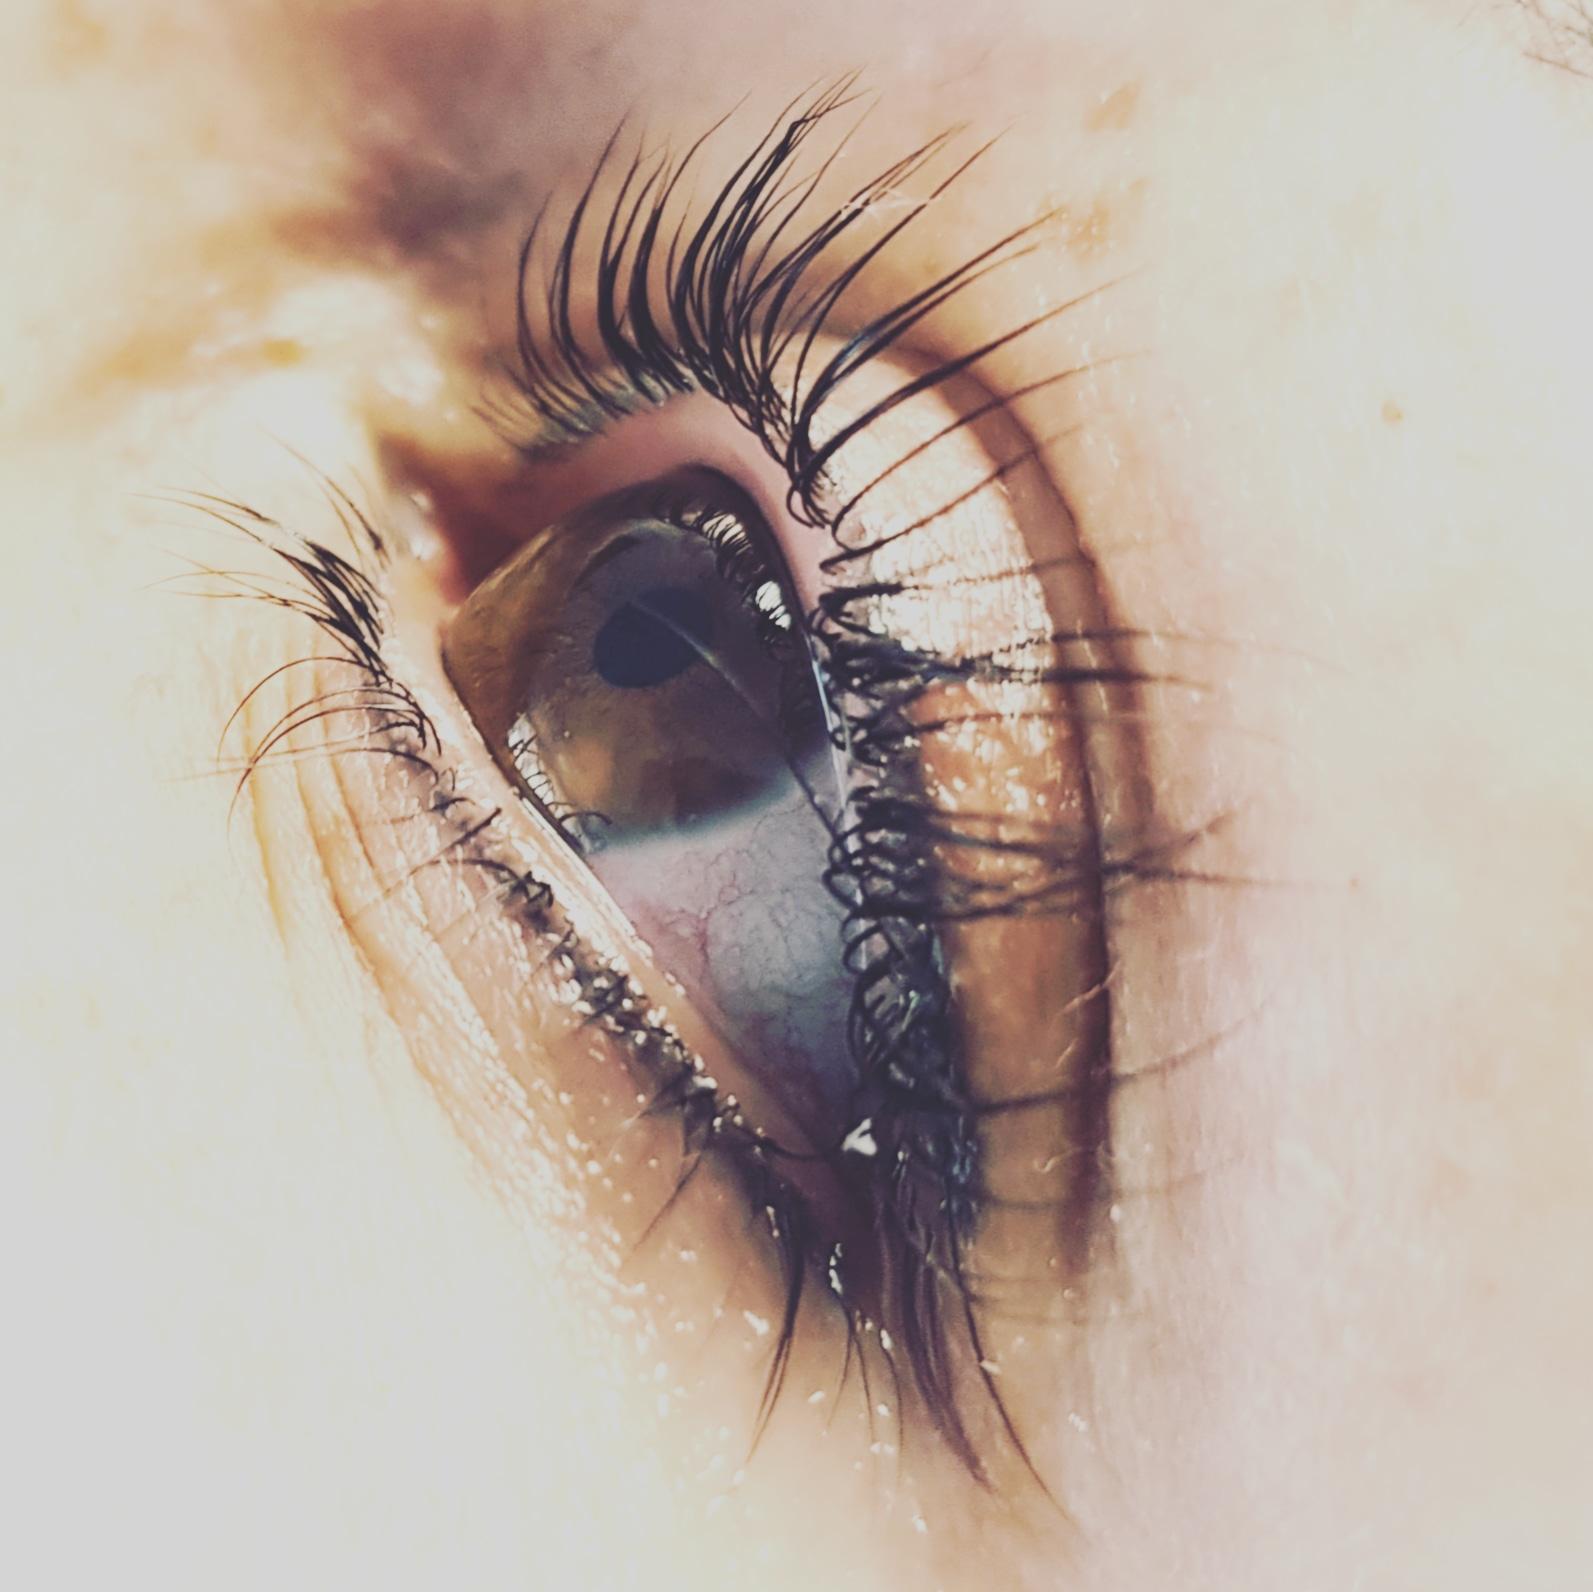 Ein Auge, zeigt das Wimpernliftig und Lidstrich